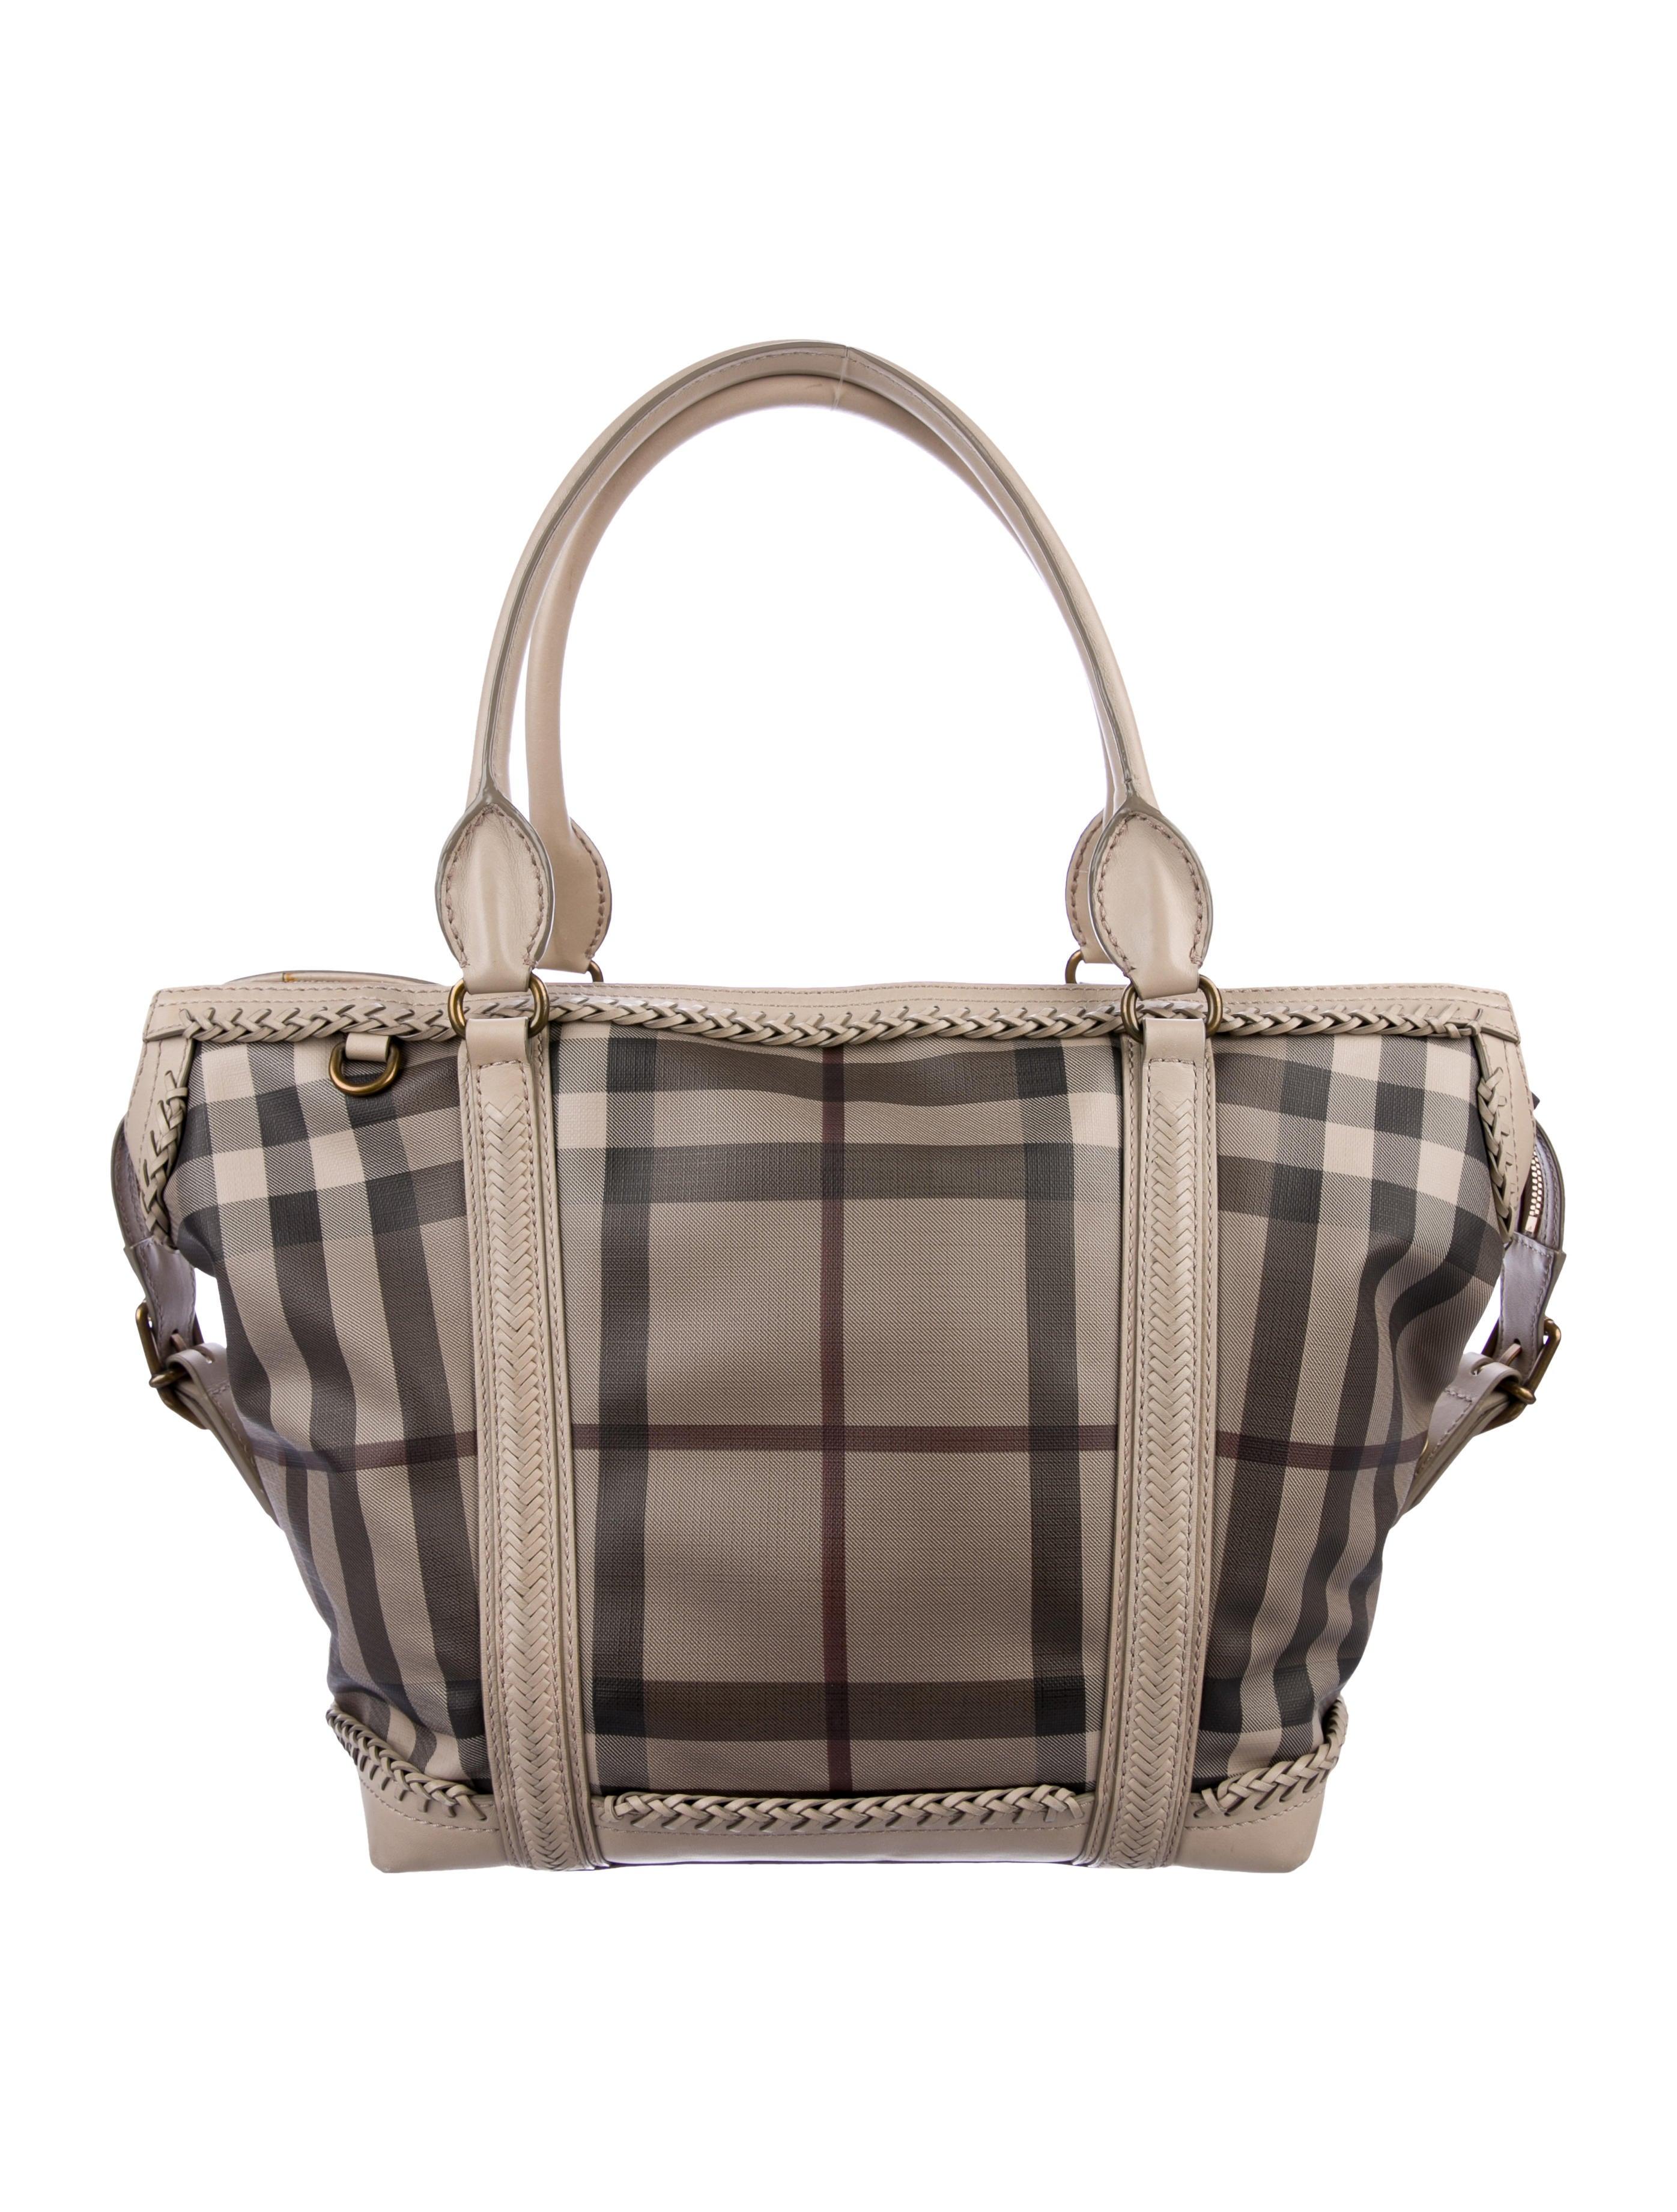 389ff0a34442 Burberry Smoked Check Handbag - Handbag Photos Eleventyone.Org